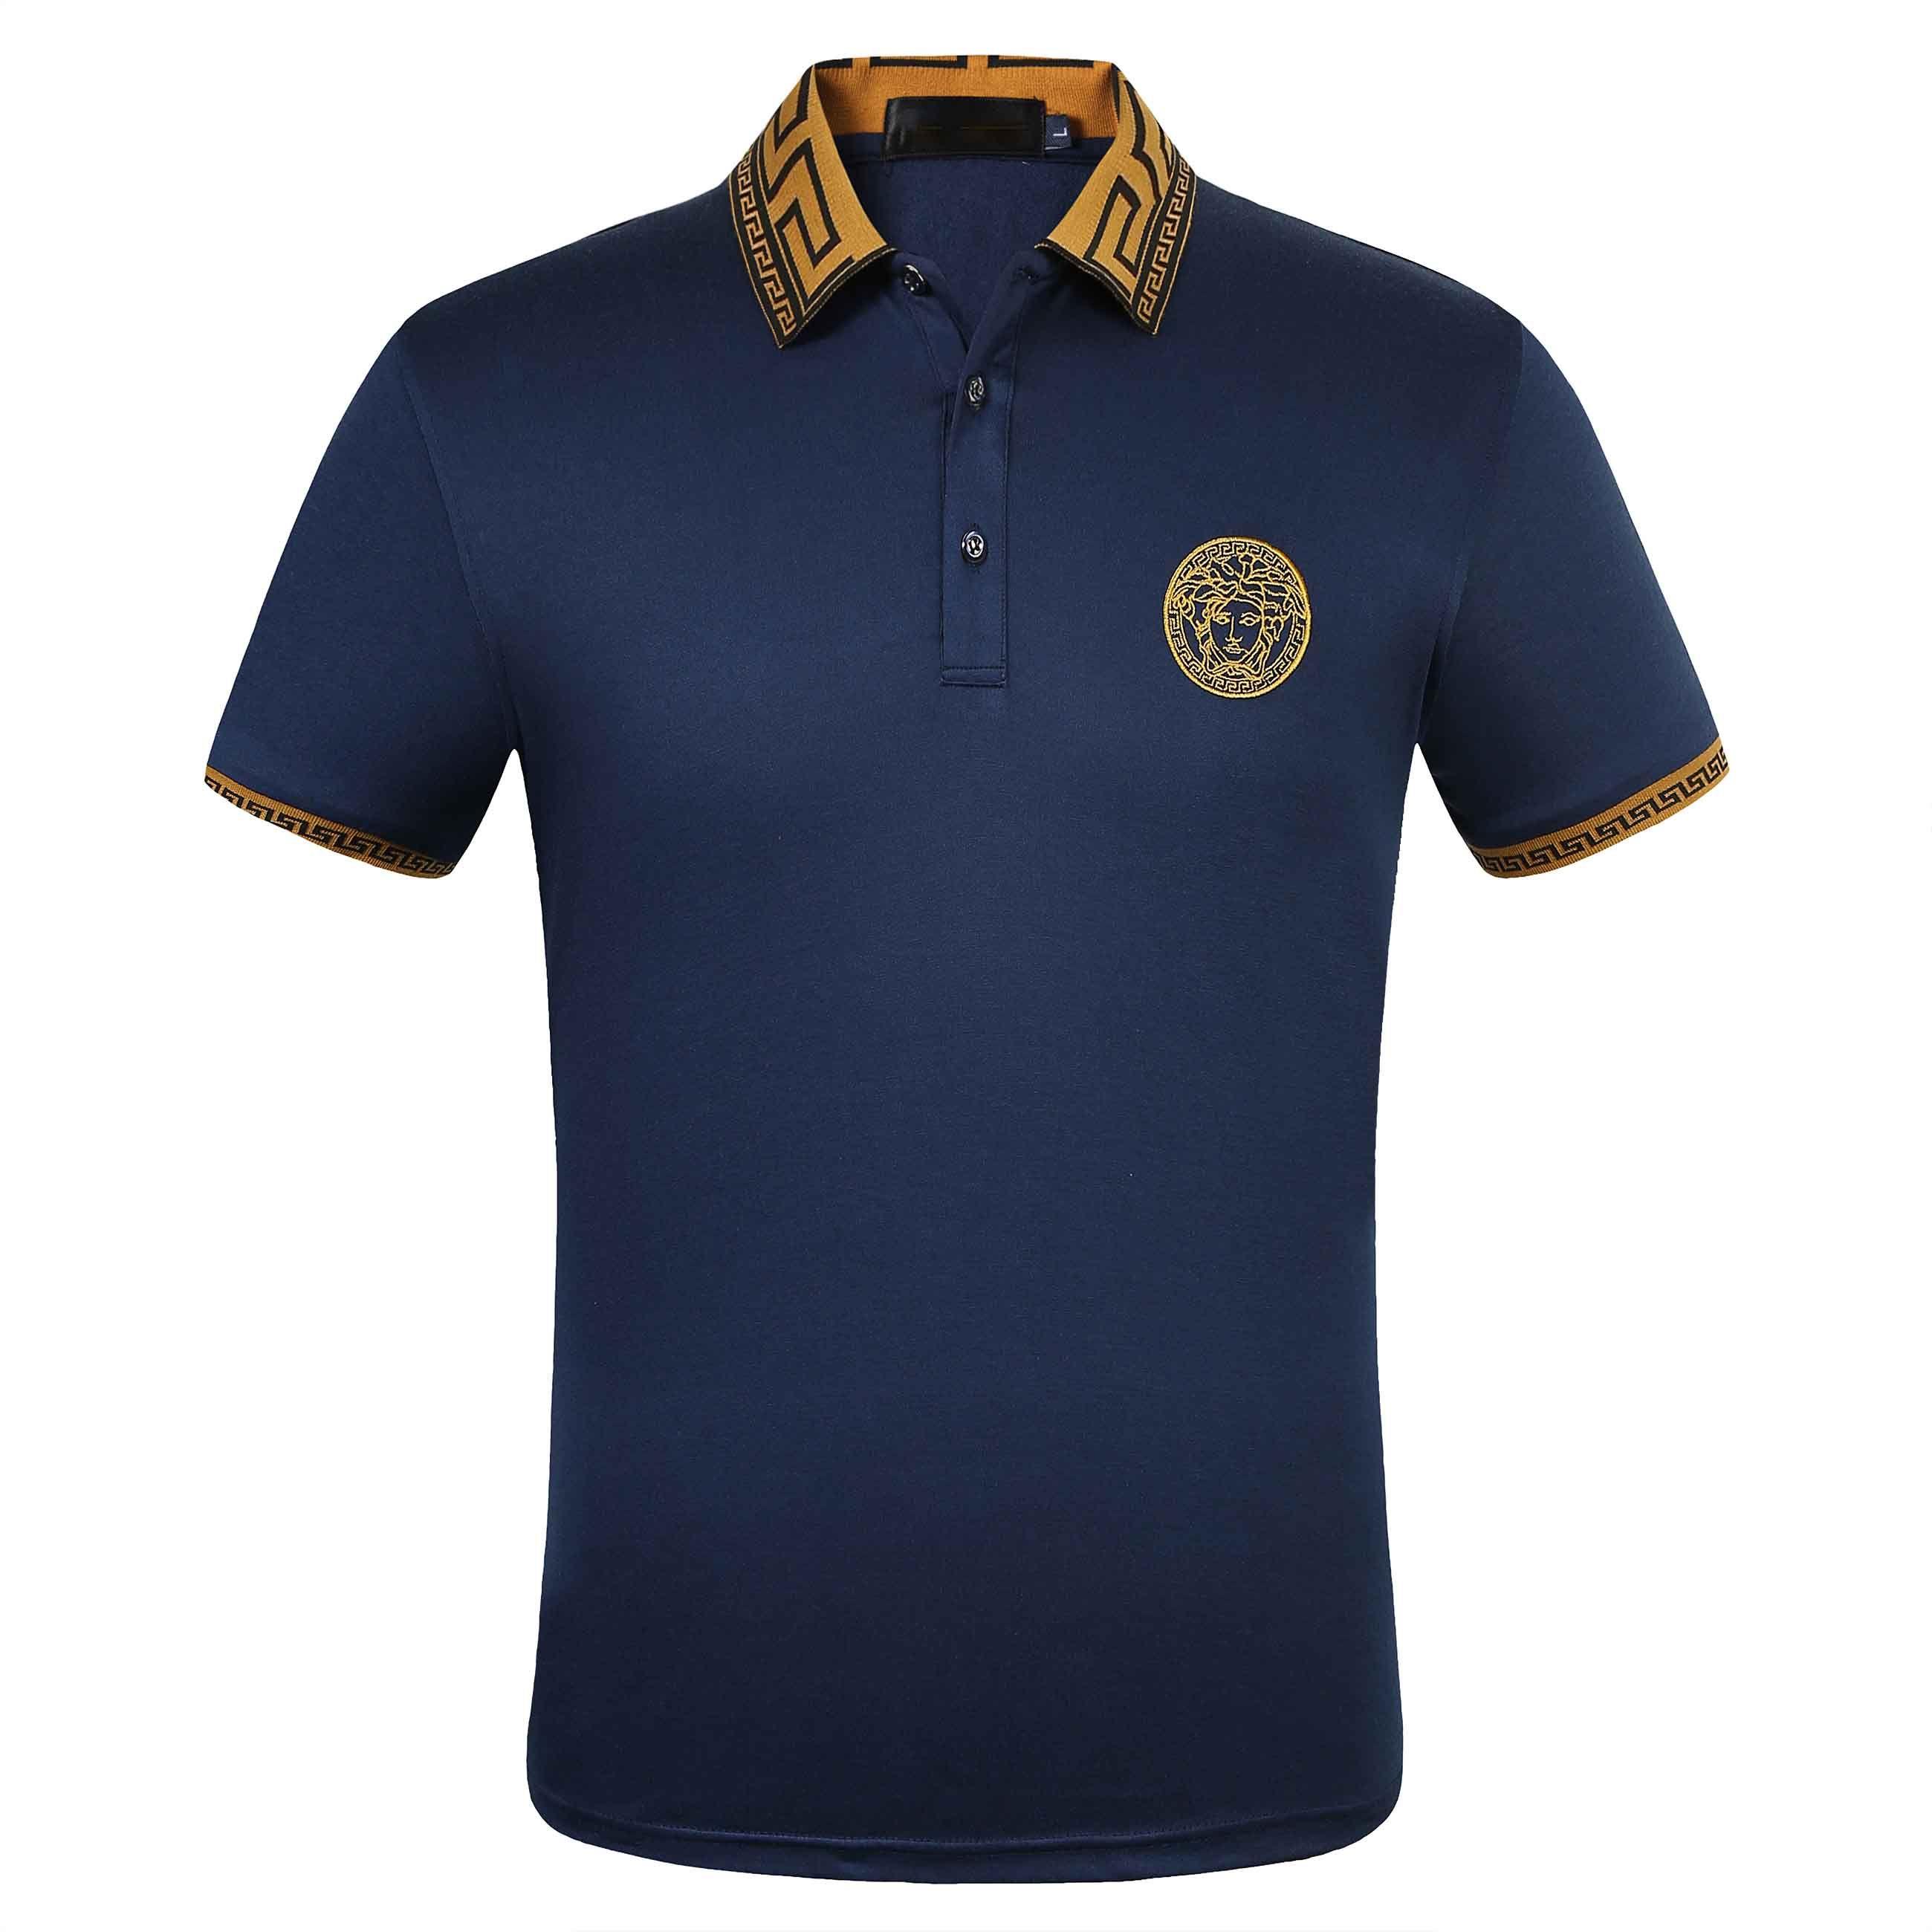 Летние мужчины роскошный бренд высшего качества Крокодил вышивка рубашки поло с коротким рукавом прохладный хлопок Slim Fit повседневные деловые мужские рубашки